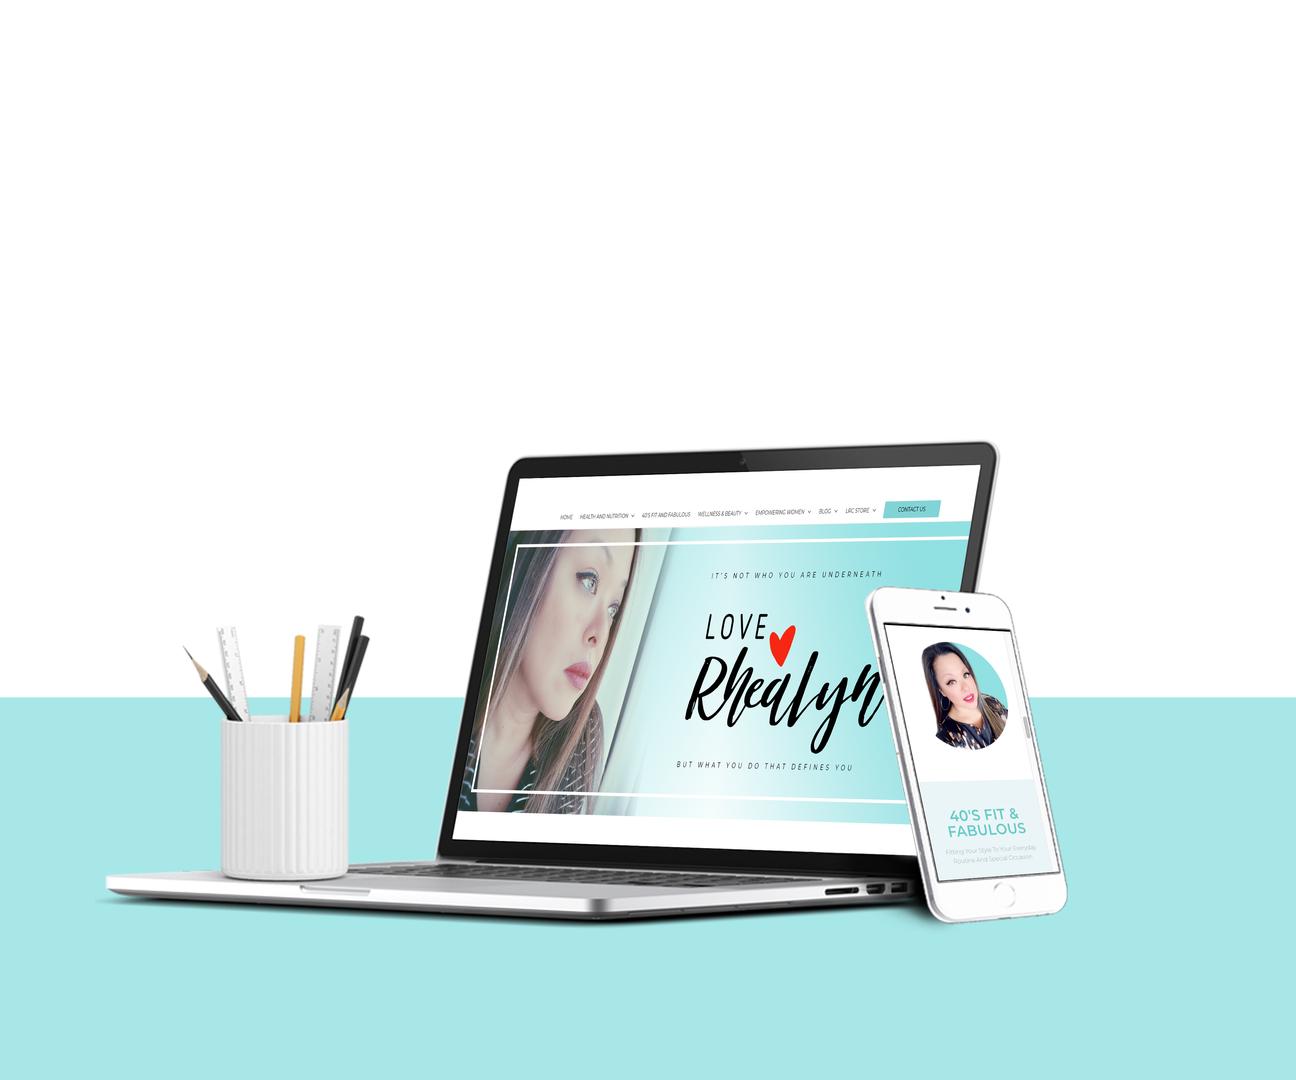 Final Love RheaLyn Website Mock-up.png